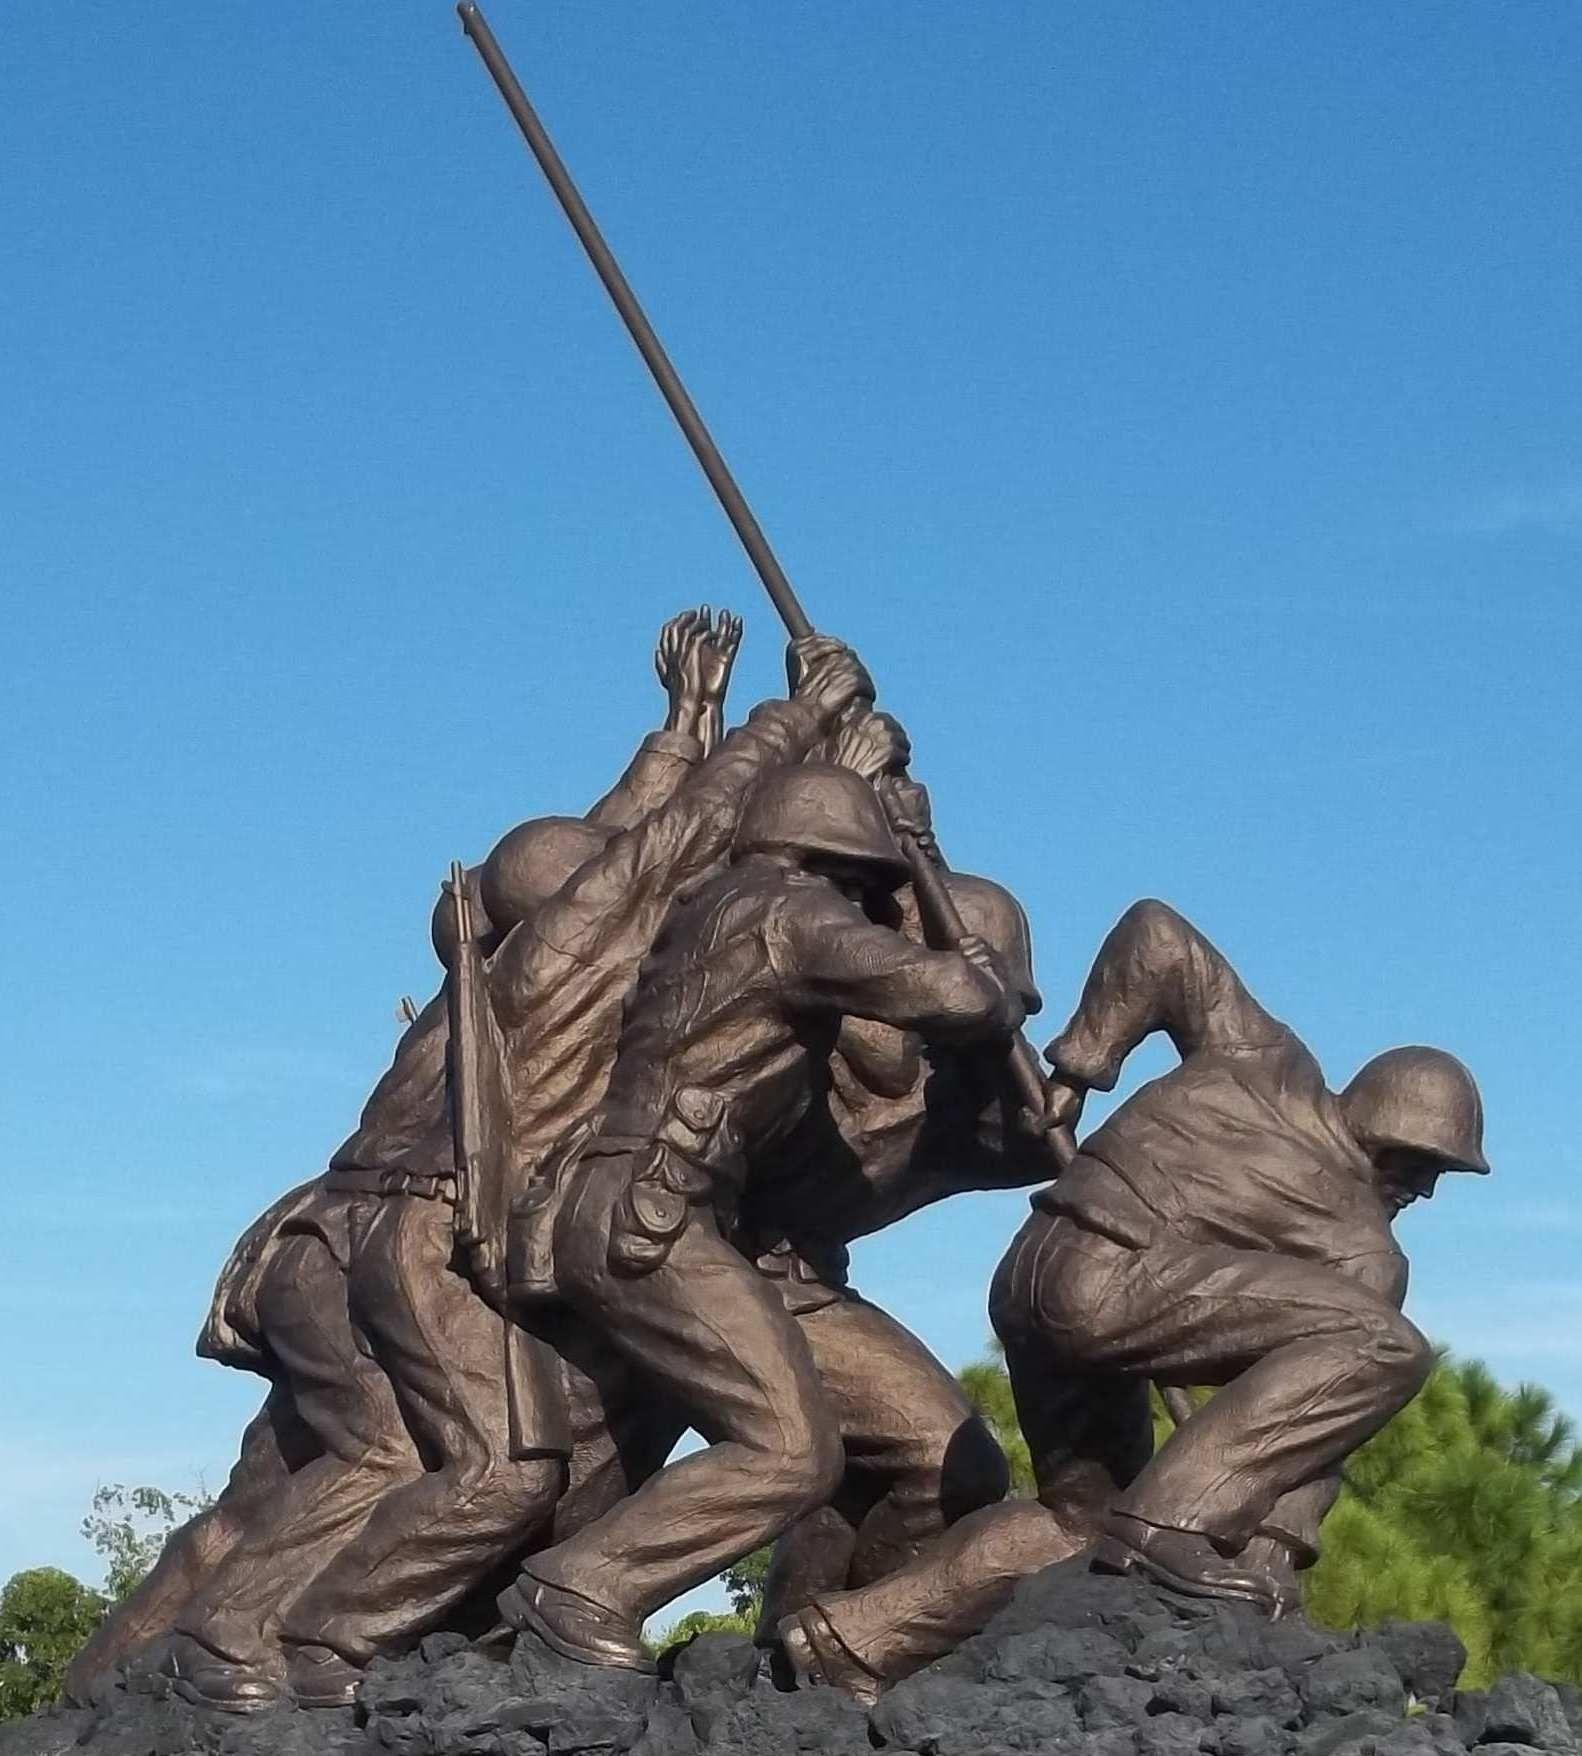 Iwo Jima Memorial Artswfl